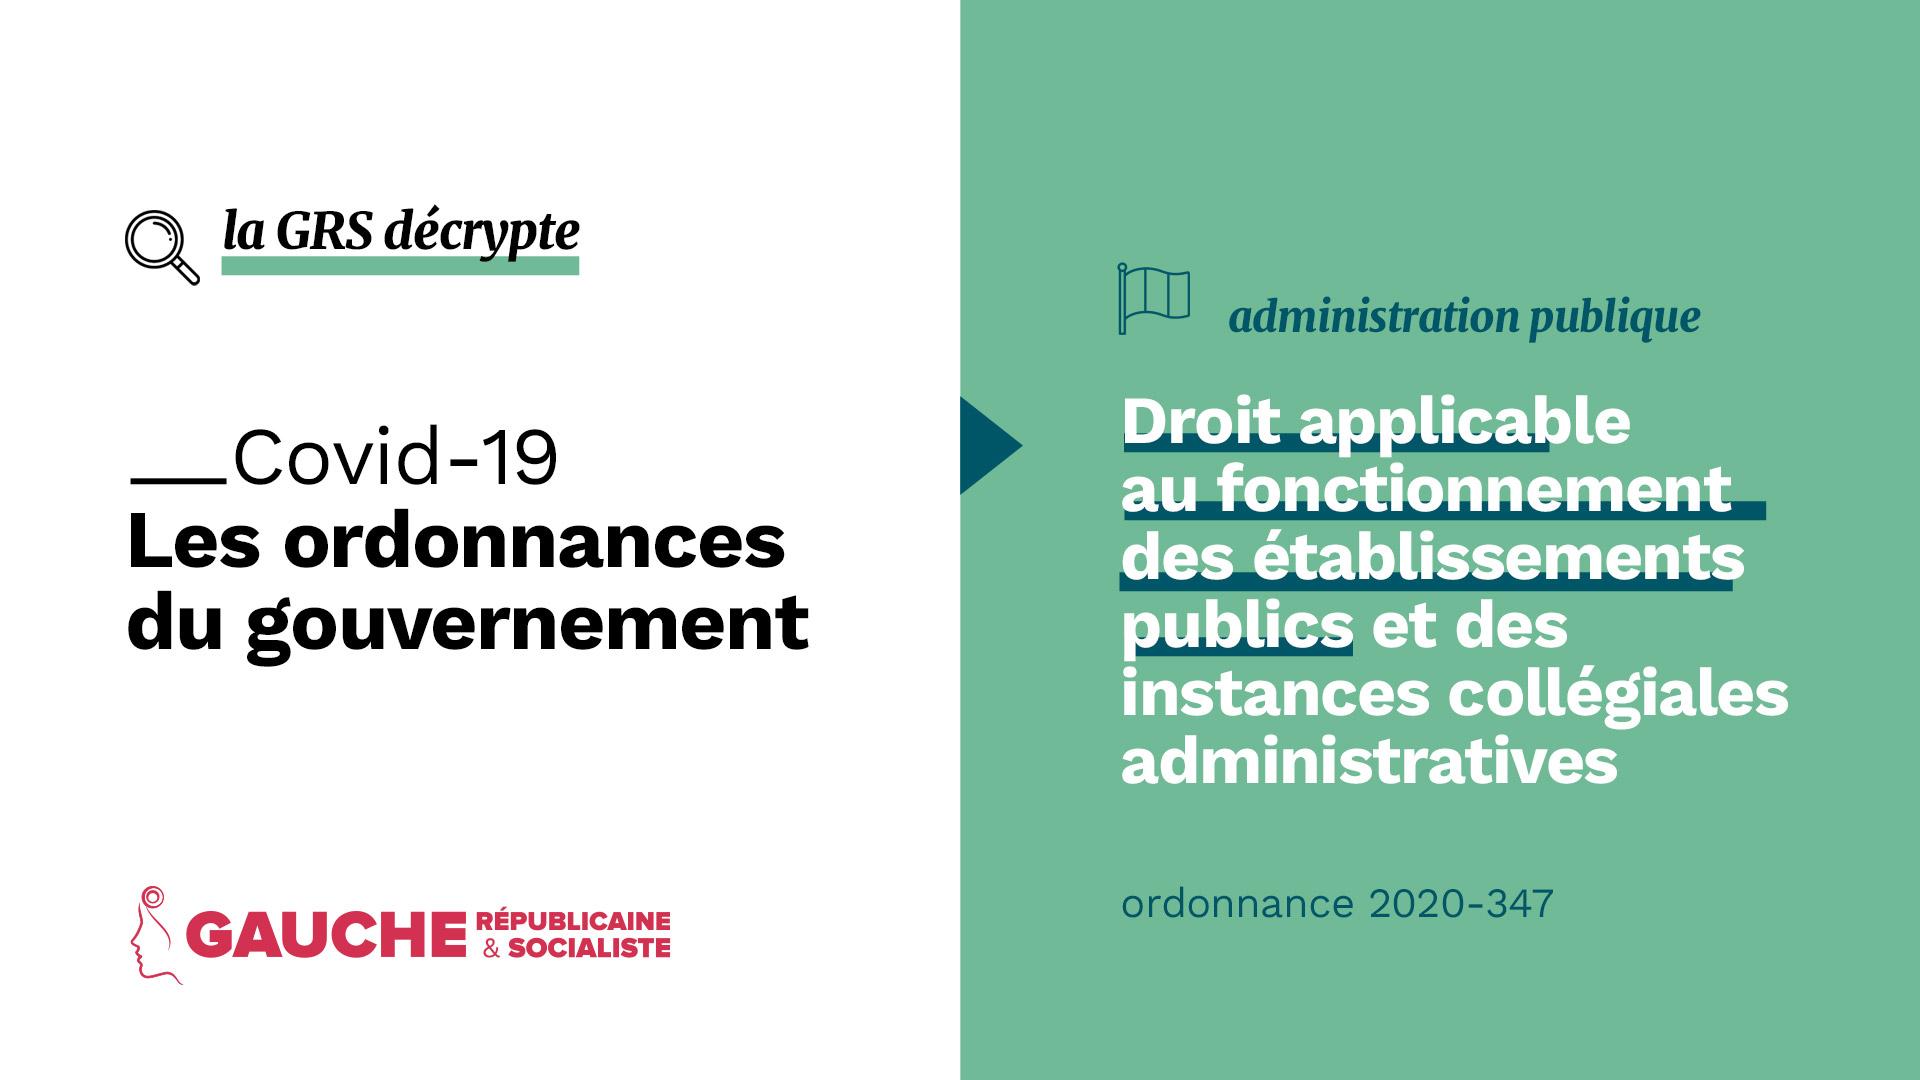 Ordonnance n° 2020-347 du 27 mars 2020 adaptant le droit applicable au fonctionnement des établissements publics et des instances collégiales administratives